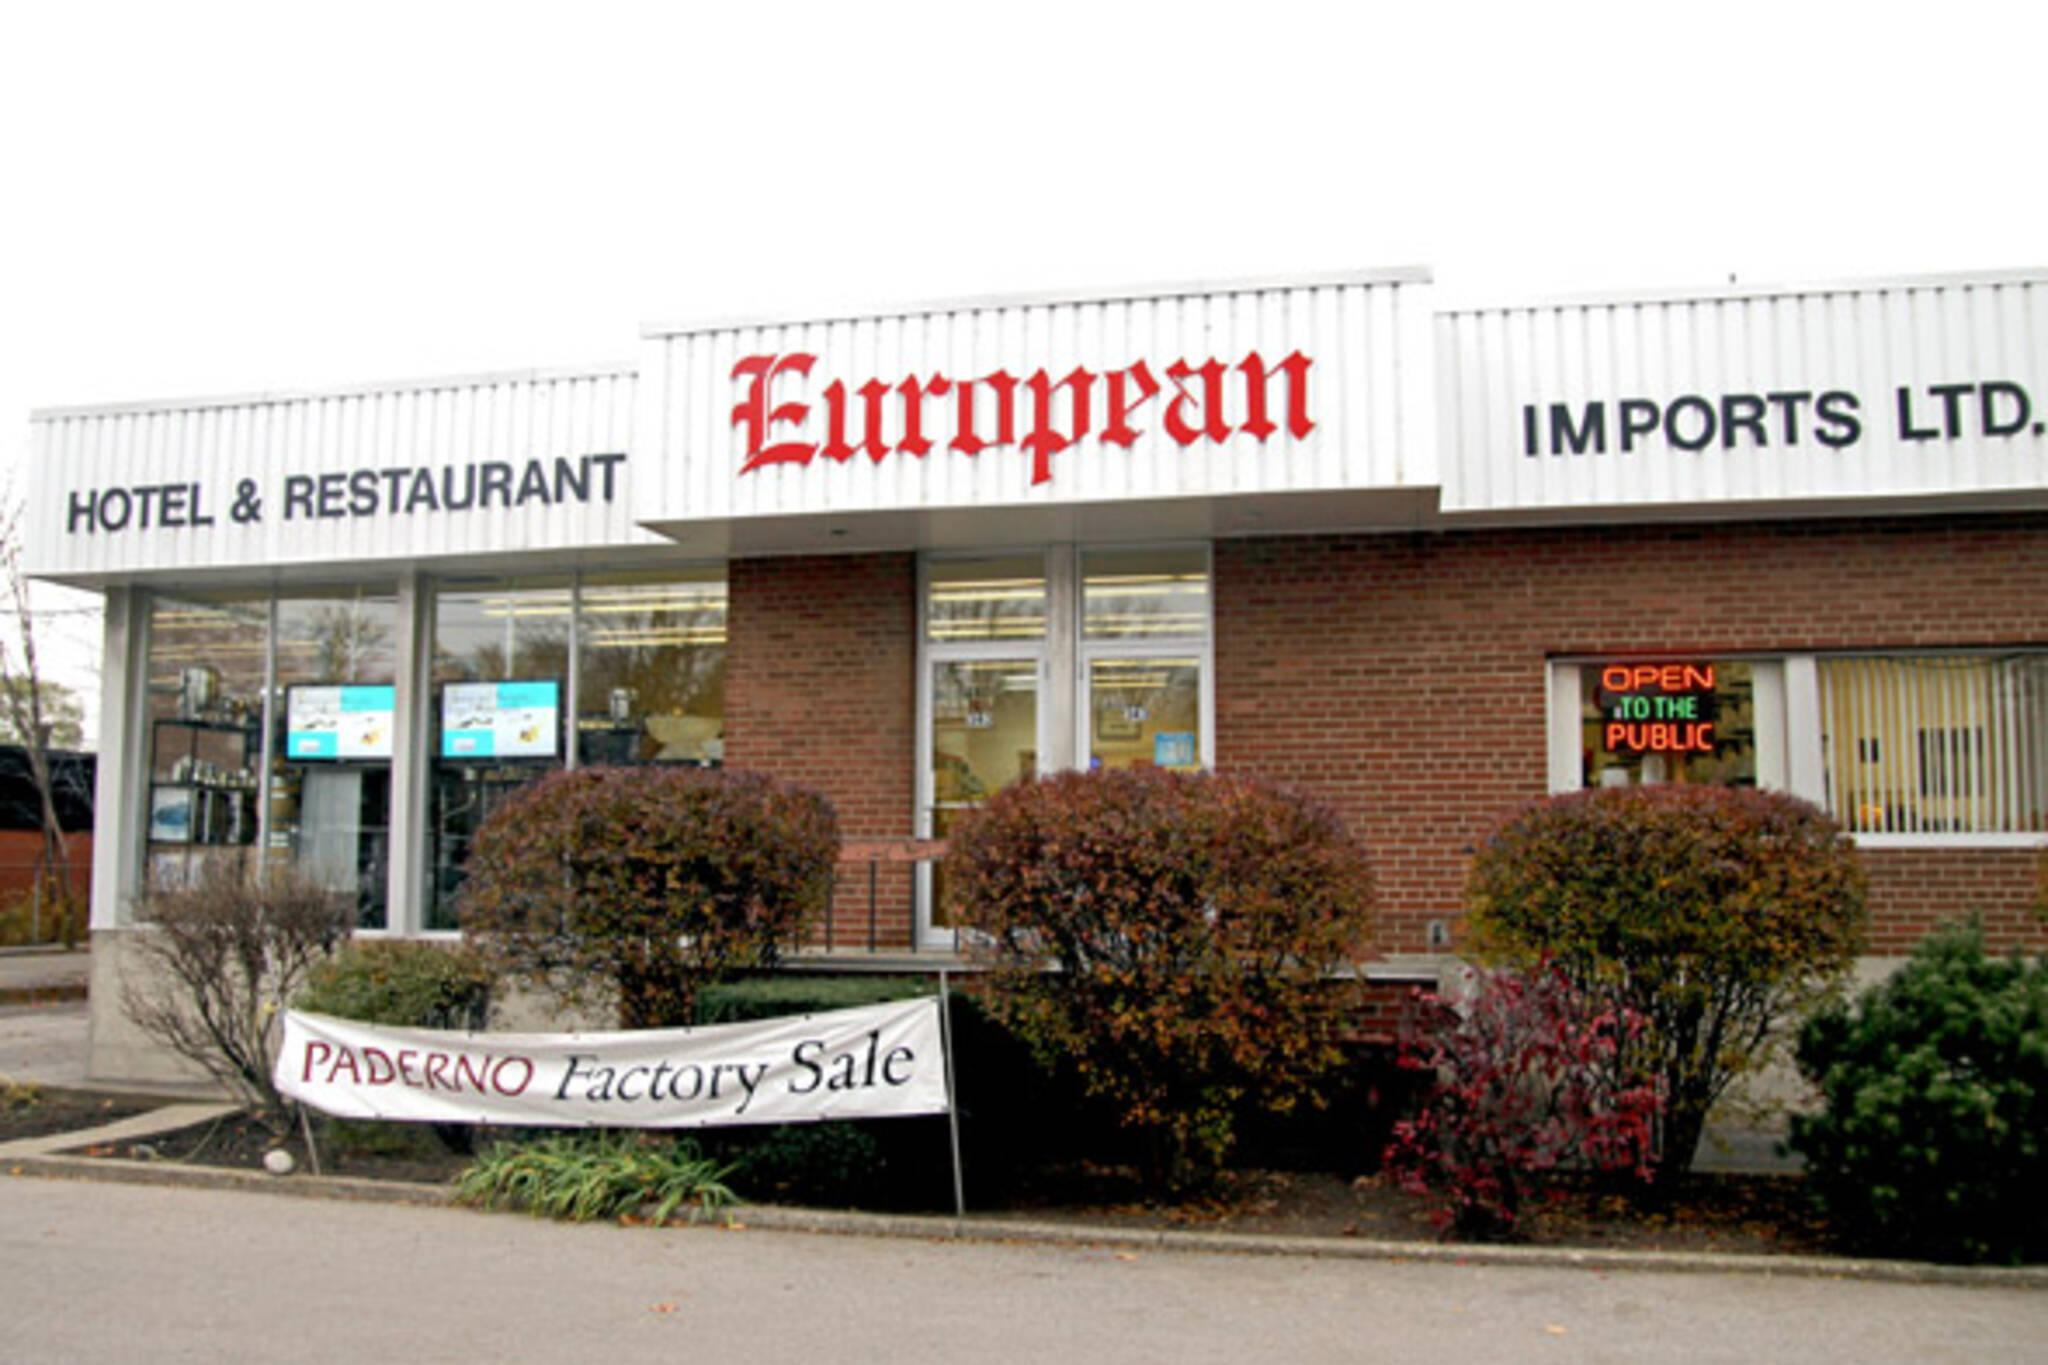 European Hotel & Restaurant Supply